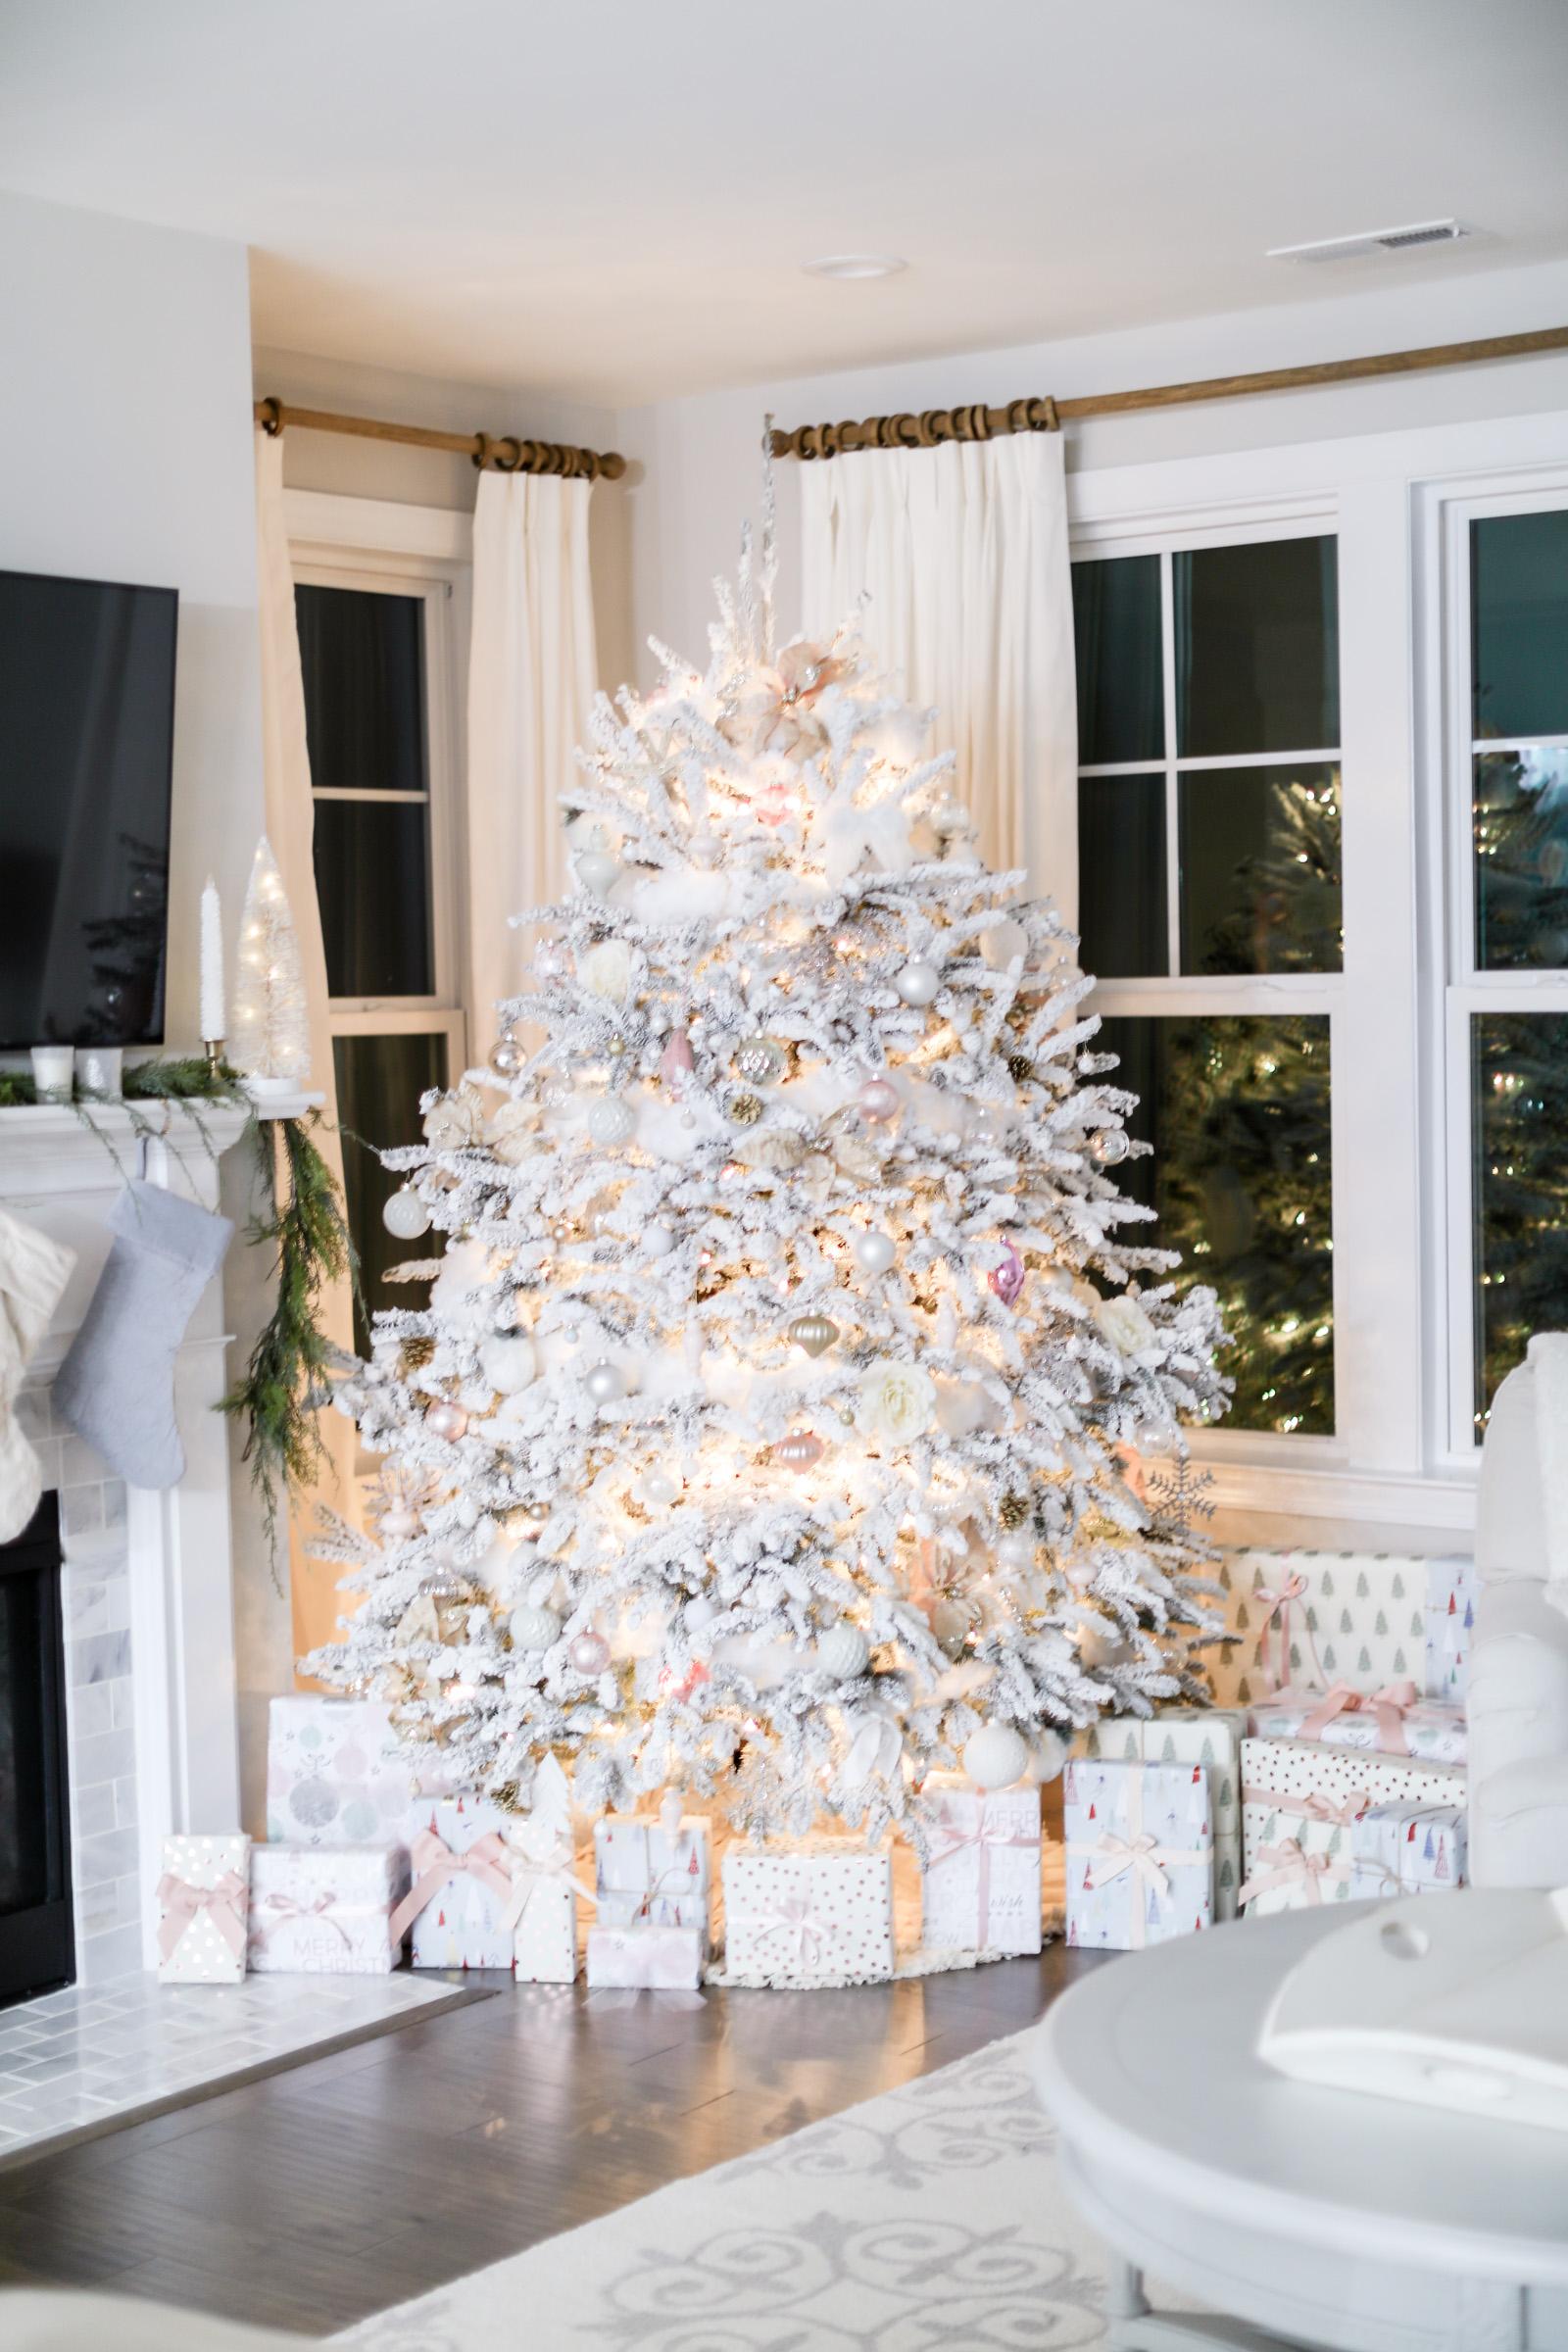 CHRISTMAS FARMHOUSE DECOR STYLE FOR THE HOLIDAYS